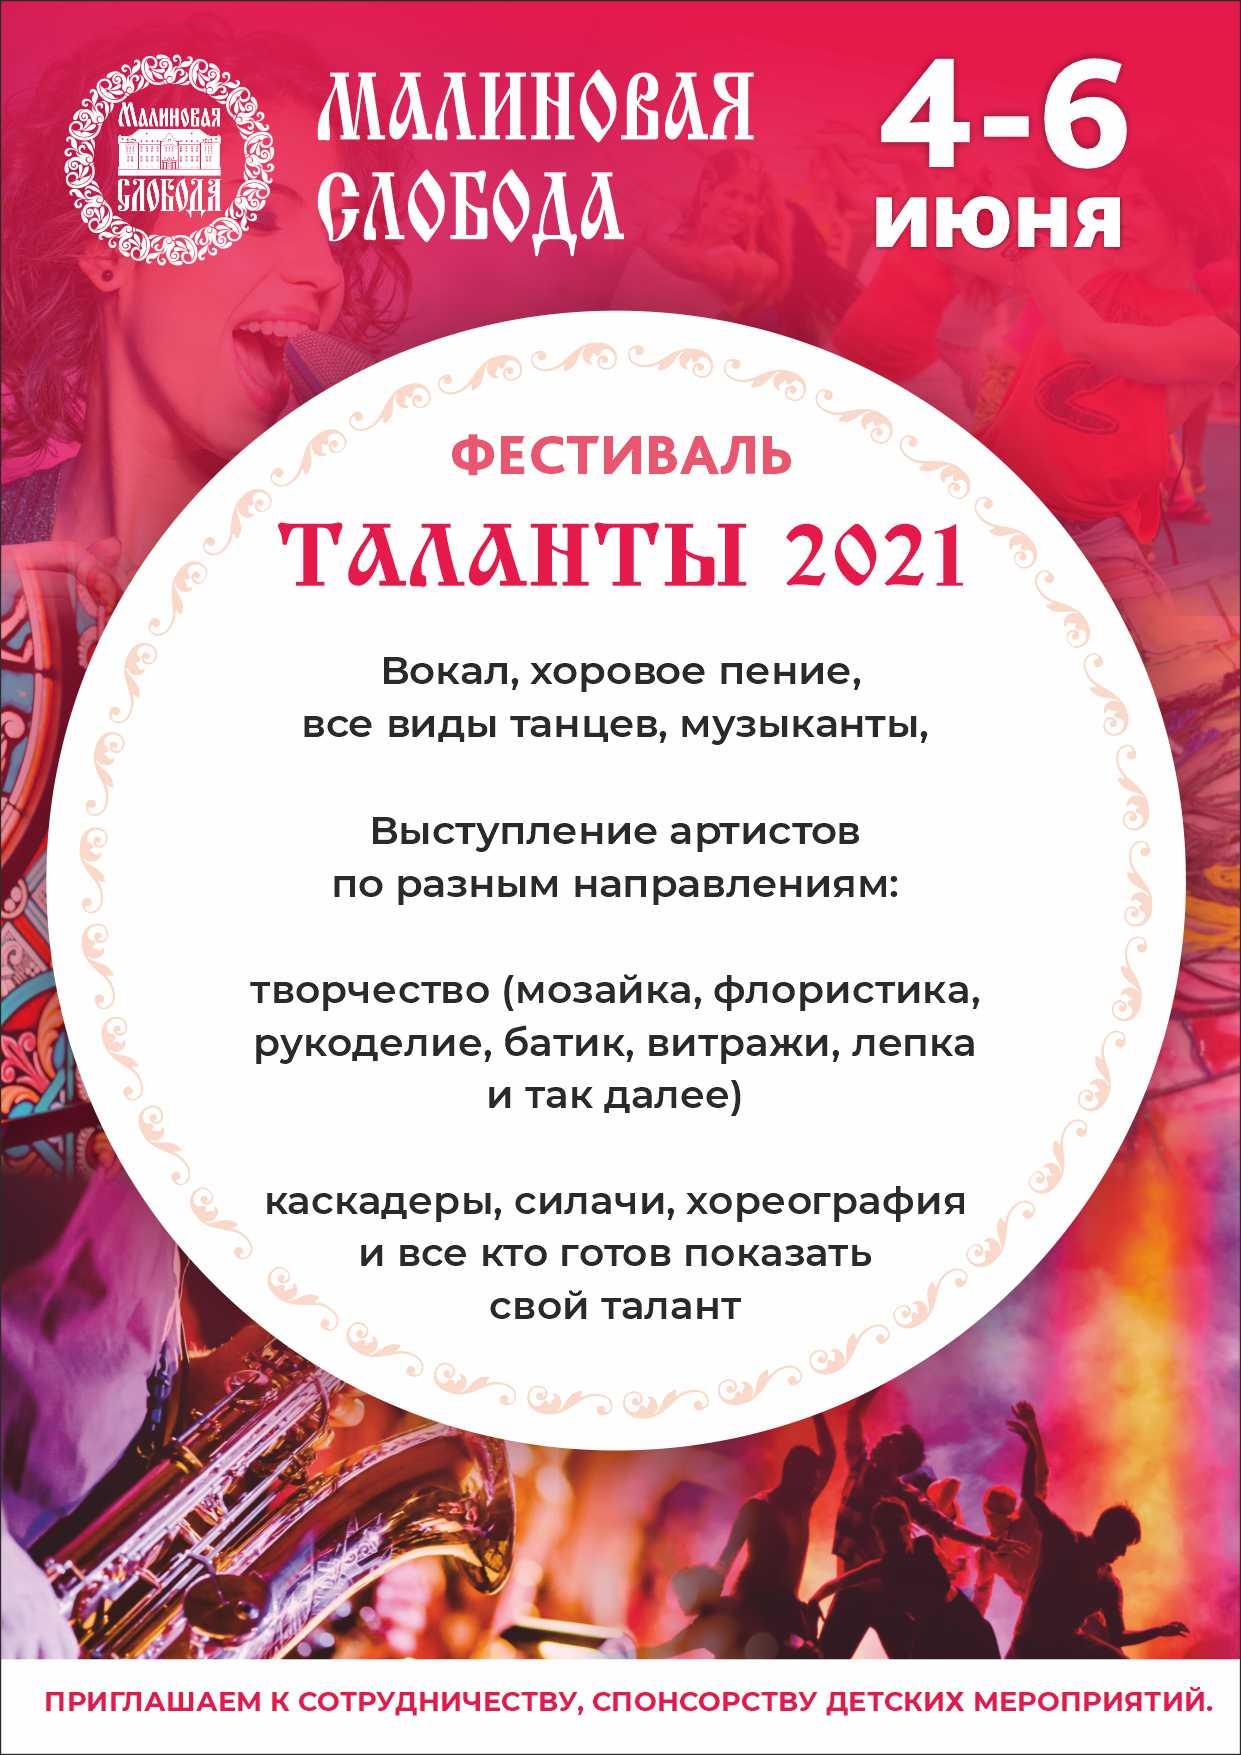 Фестиваль таланты 2021